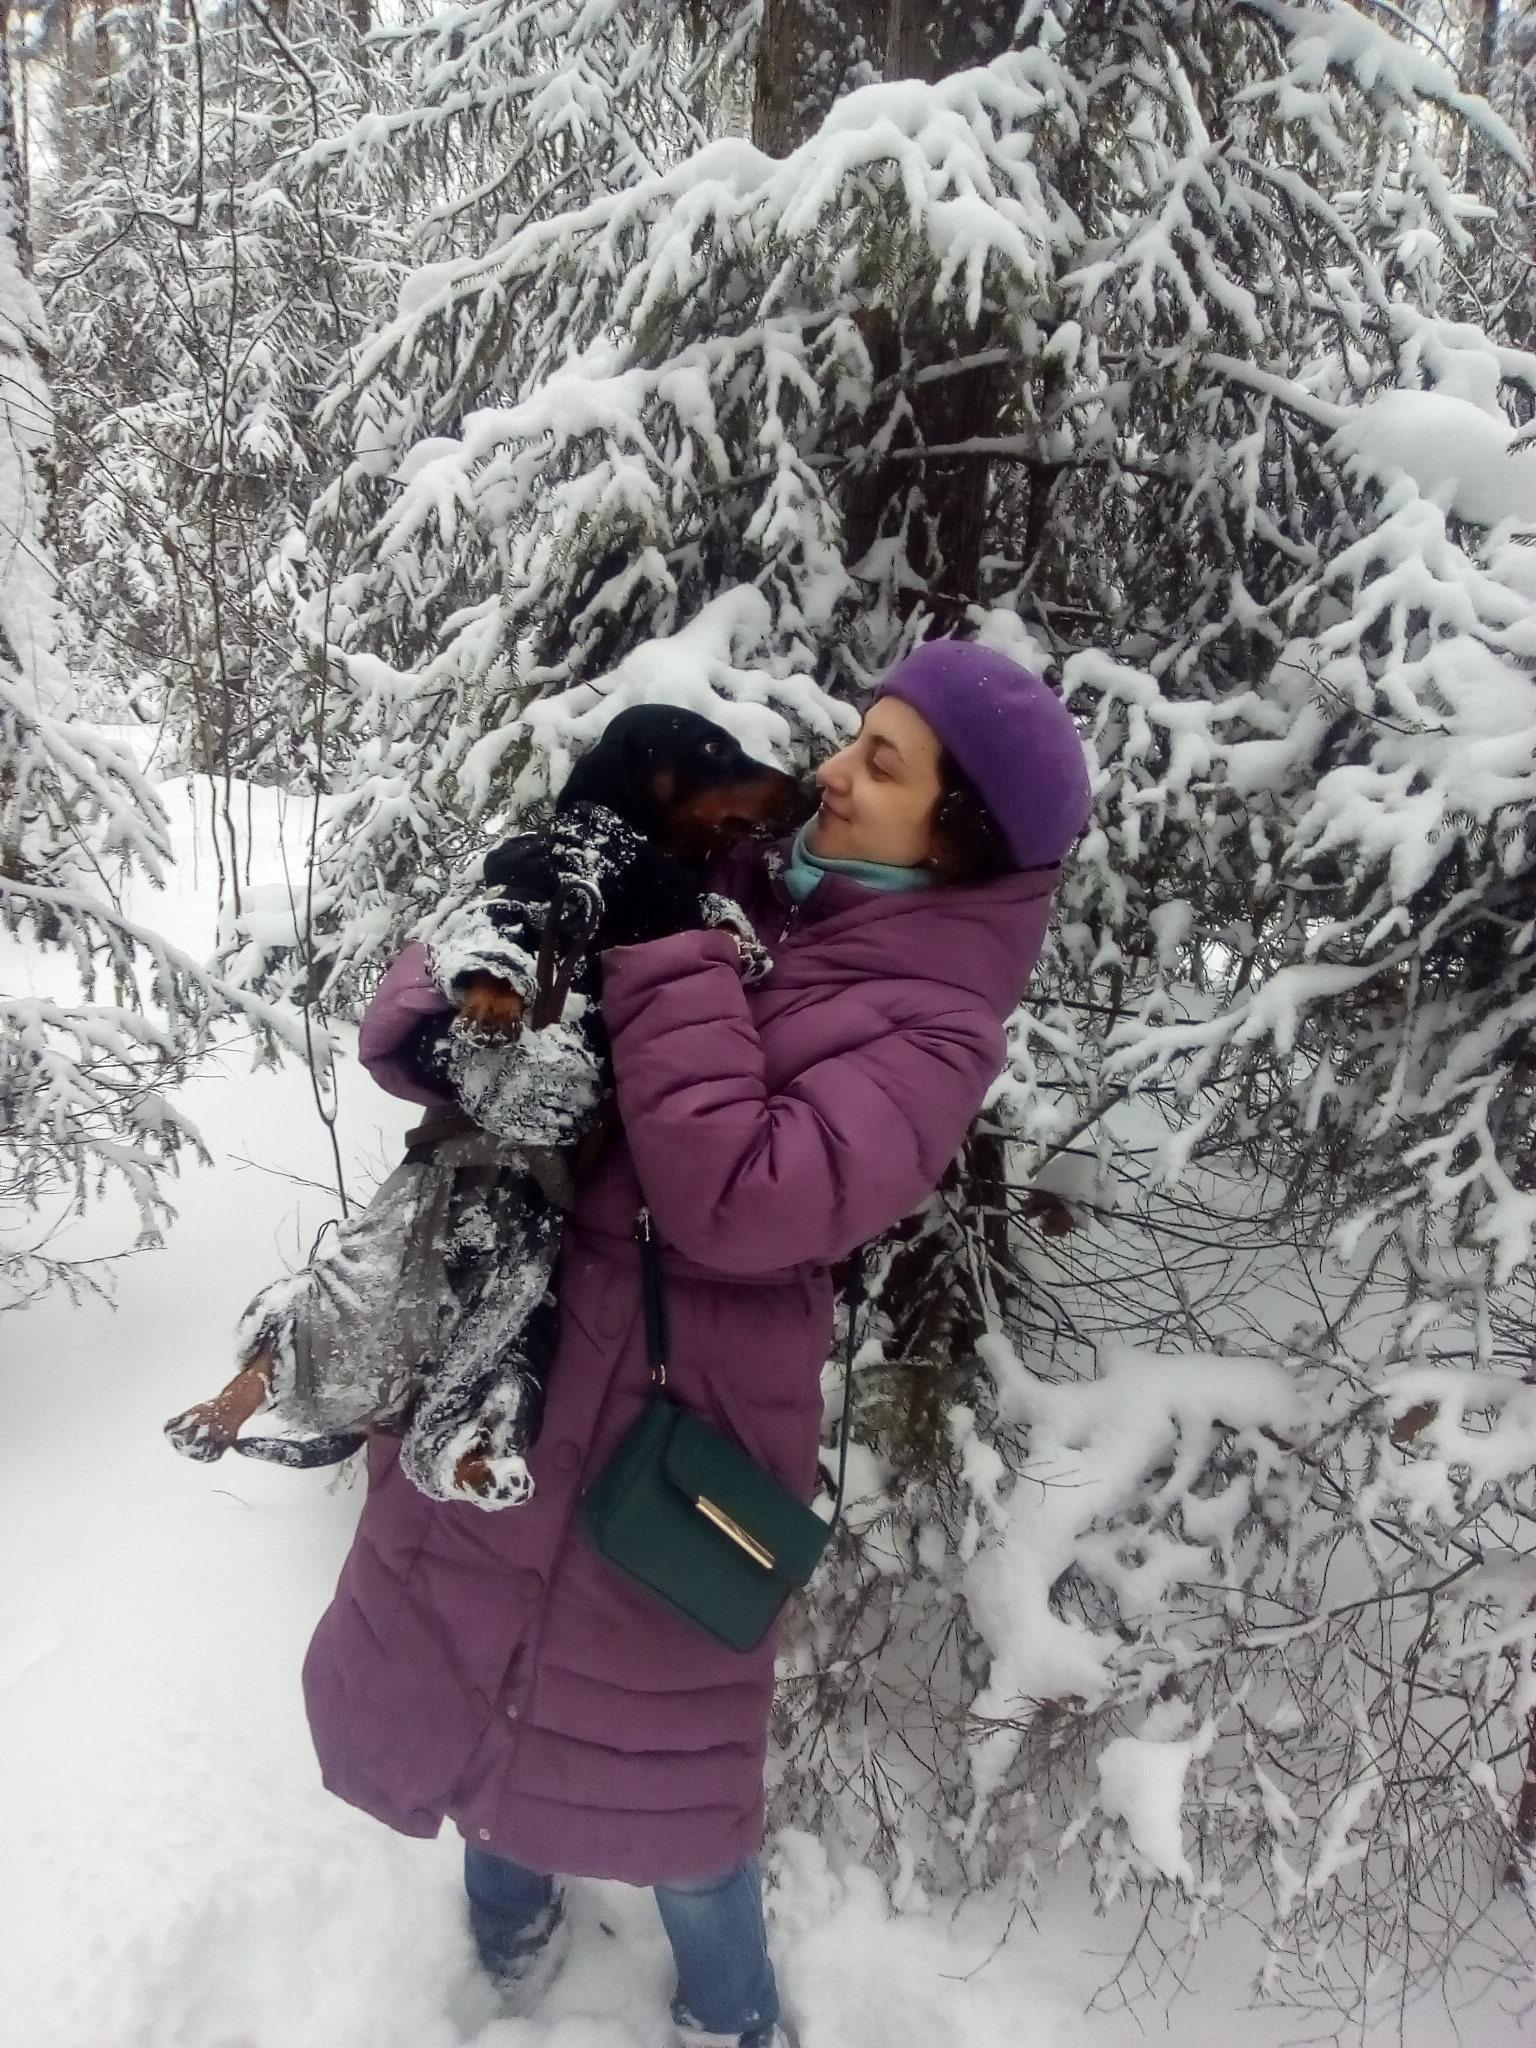 Я и Аполлон в лесу. Зимний образ